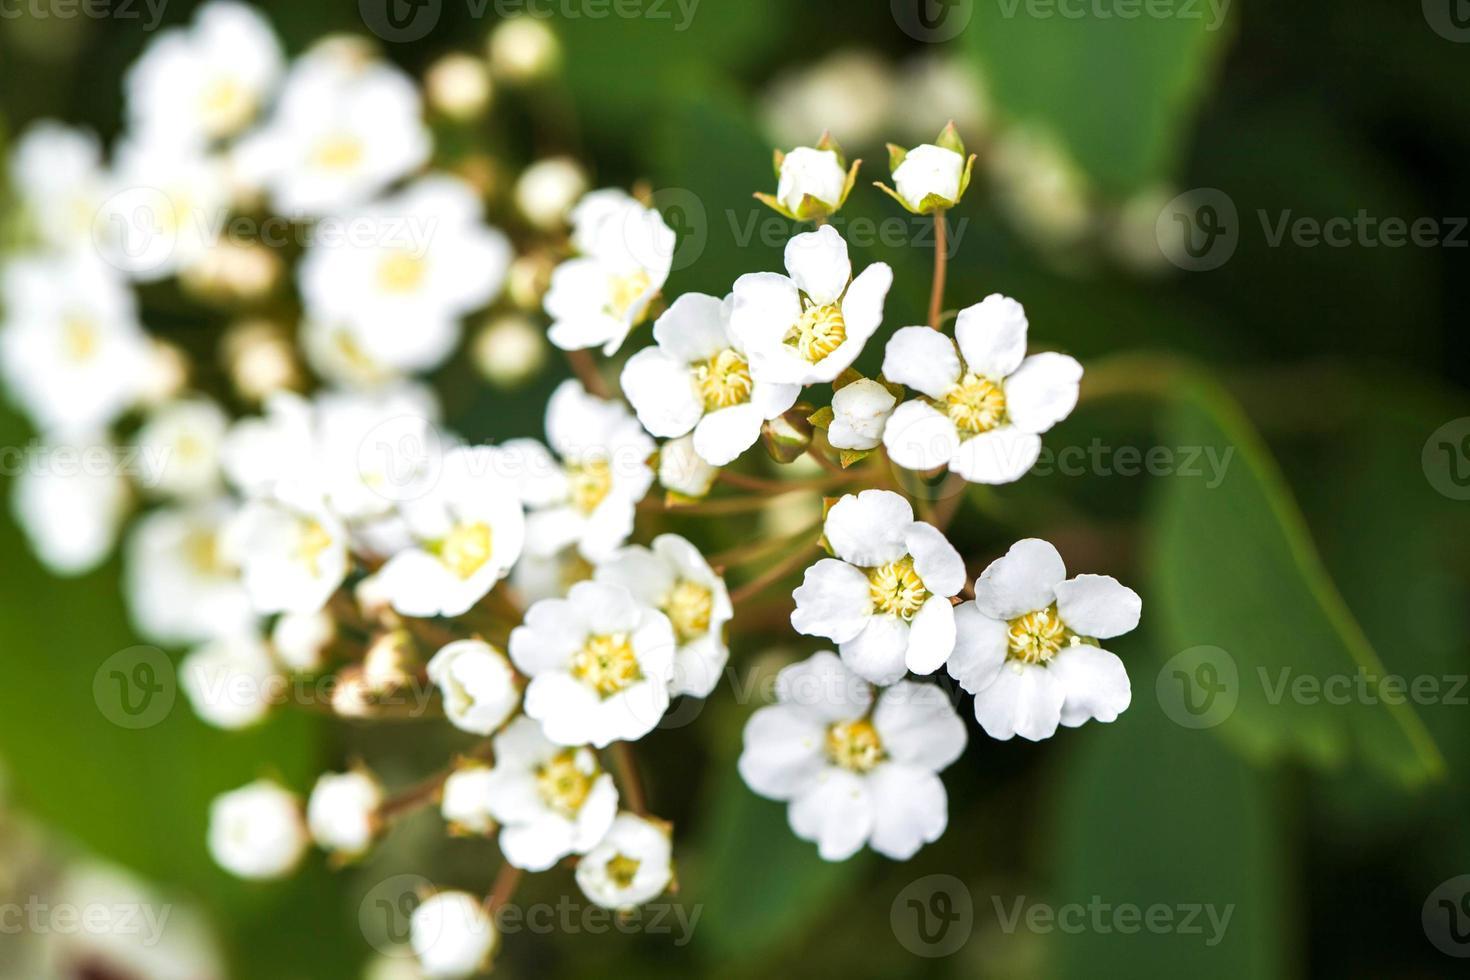 tak met kleine witte bloemen bloeien in een tuin. de lente foto